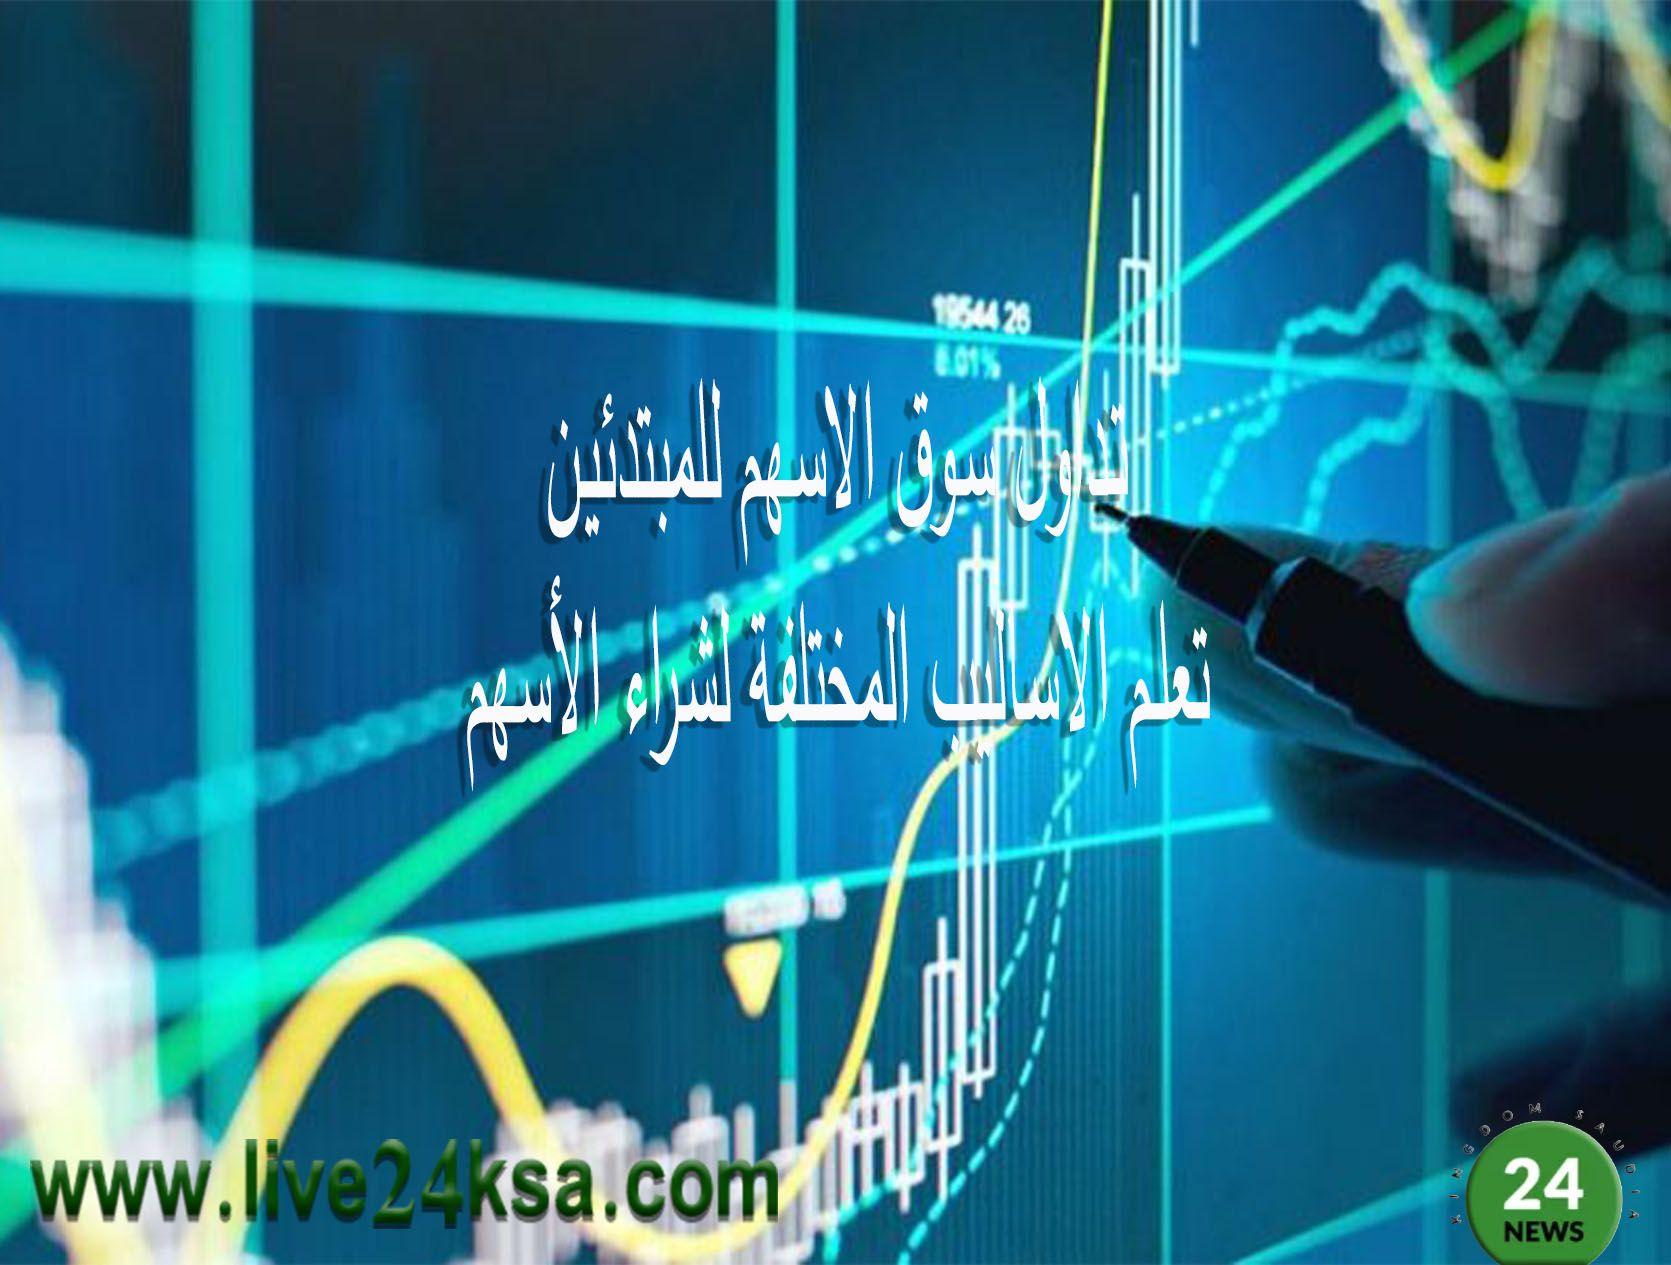 تداول سوق الاسهم للمبتدئين تعلم الاساليب المختلفة لشراء وبيع الأسهم Neon Signs Trading Signs